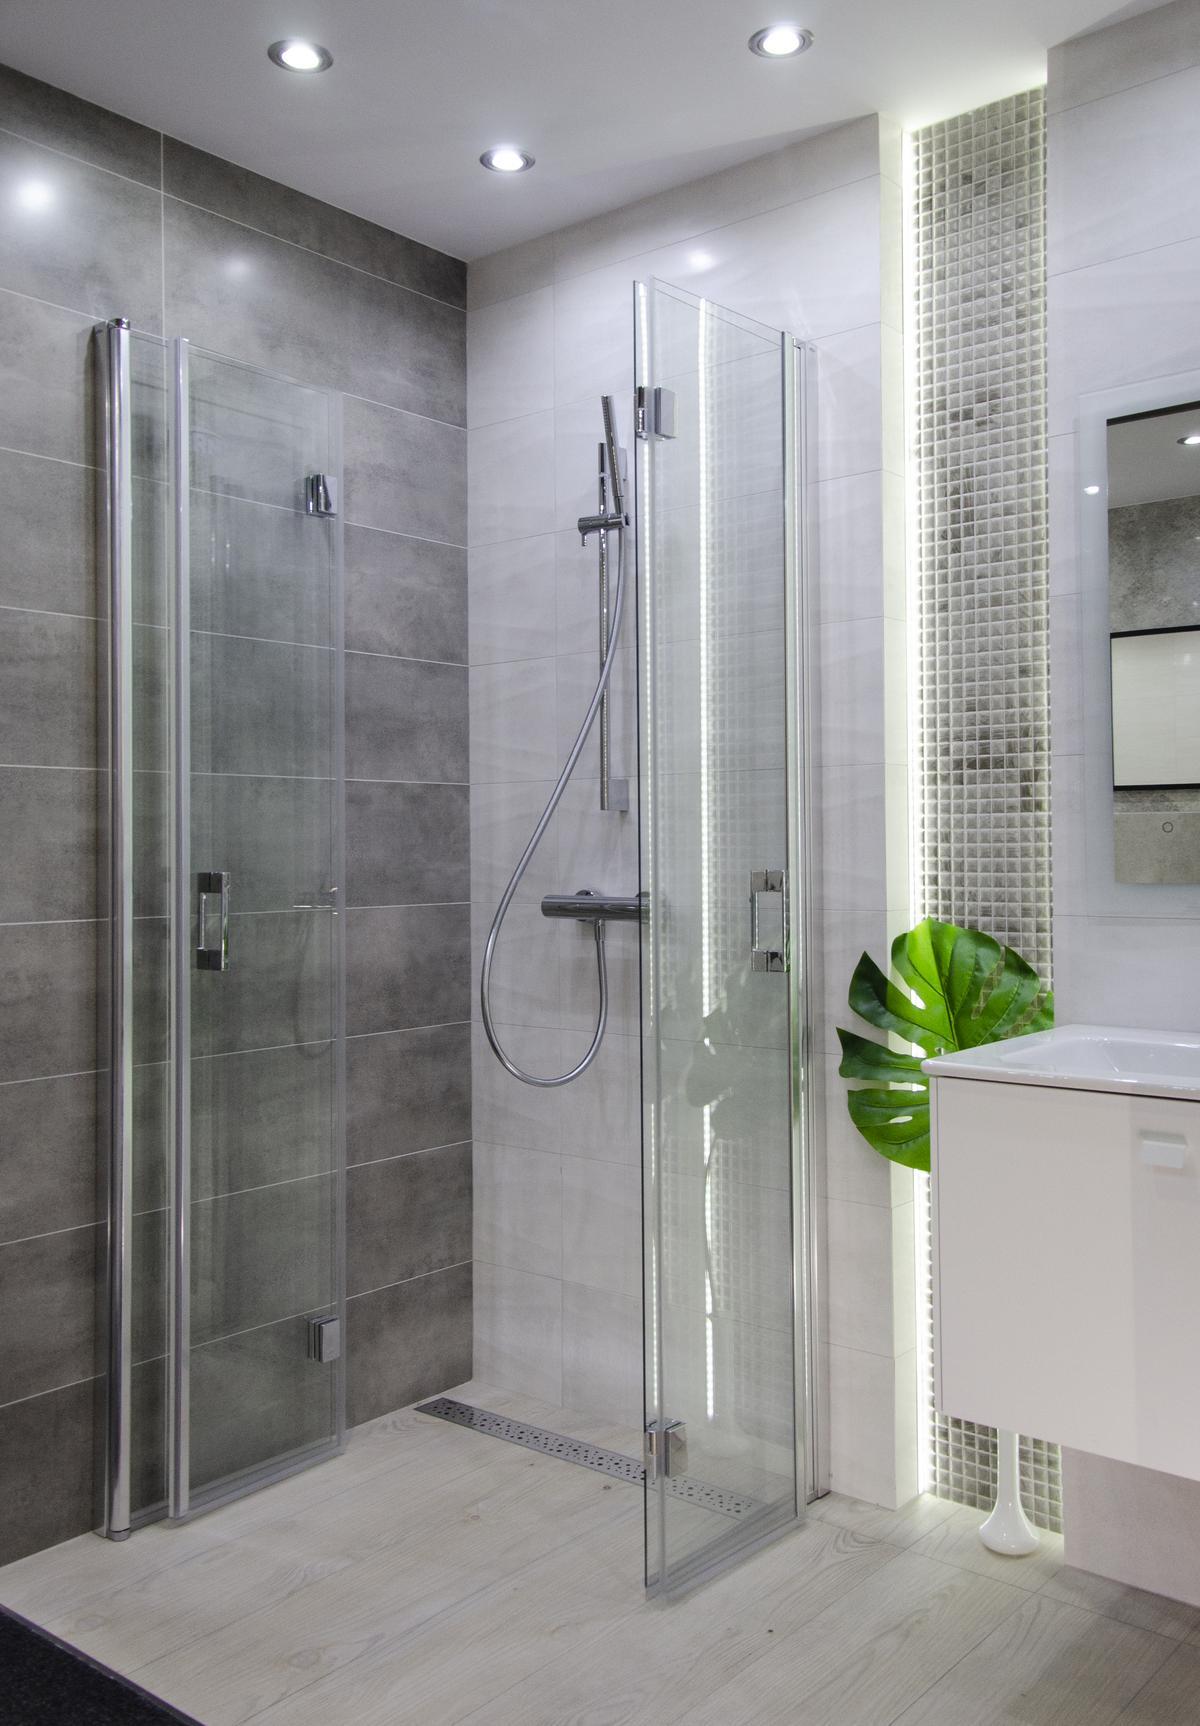 Pomysł na łazienkę w różnych odcieniach szarości - zdjęcie od BLU salon łazienek Kołobrzeg